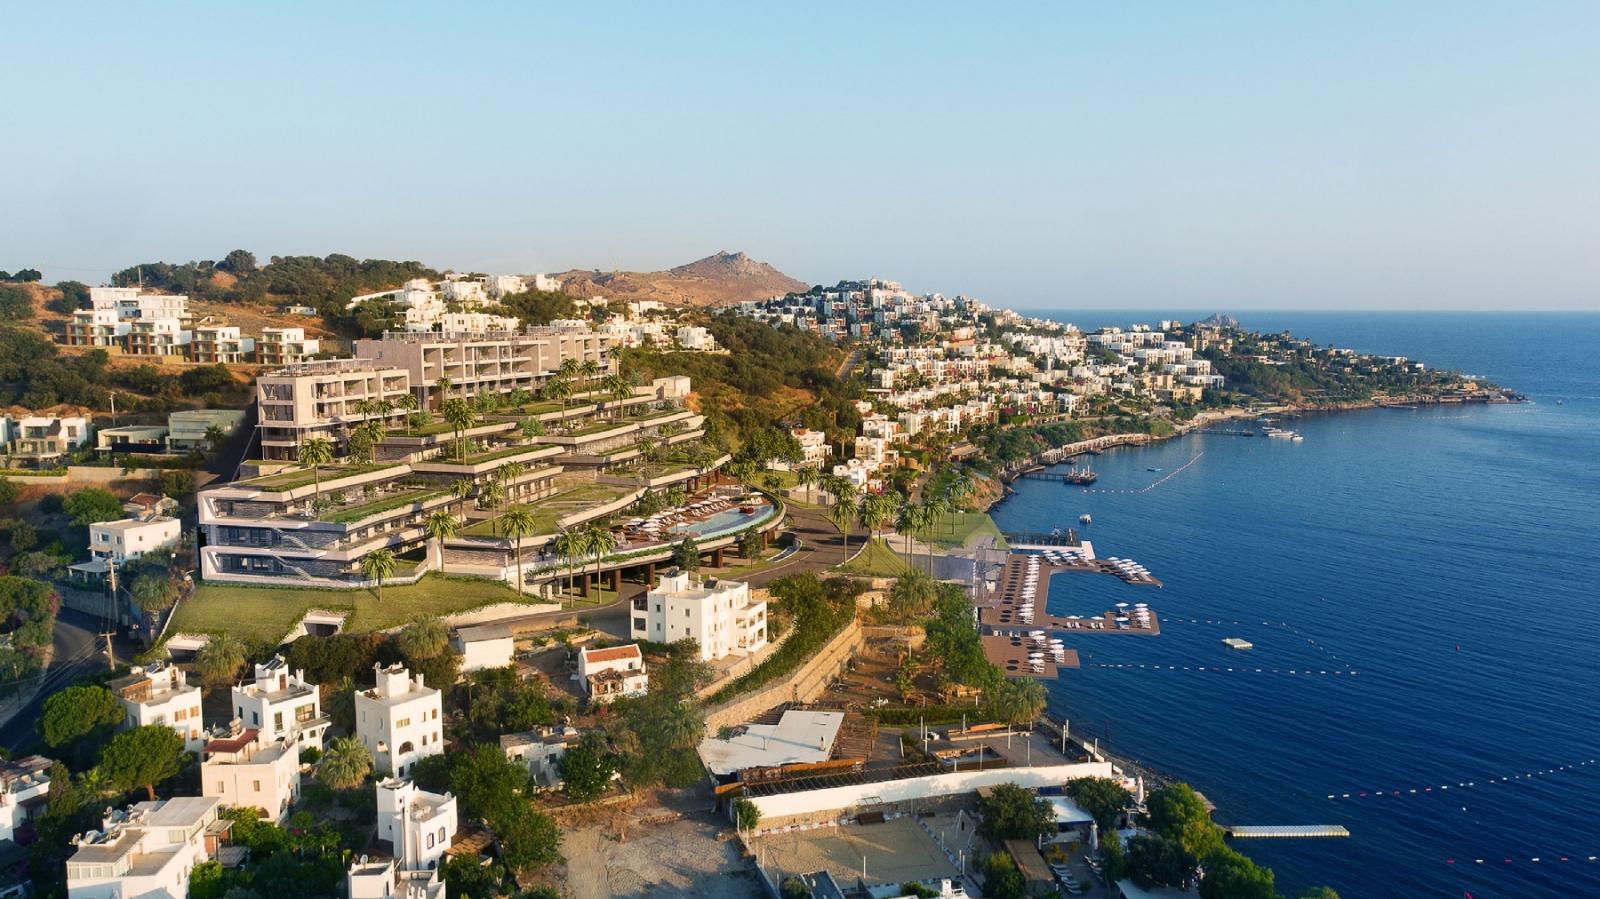 Роскошные квартиры на побережье Эгейского моря в Бодруме